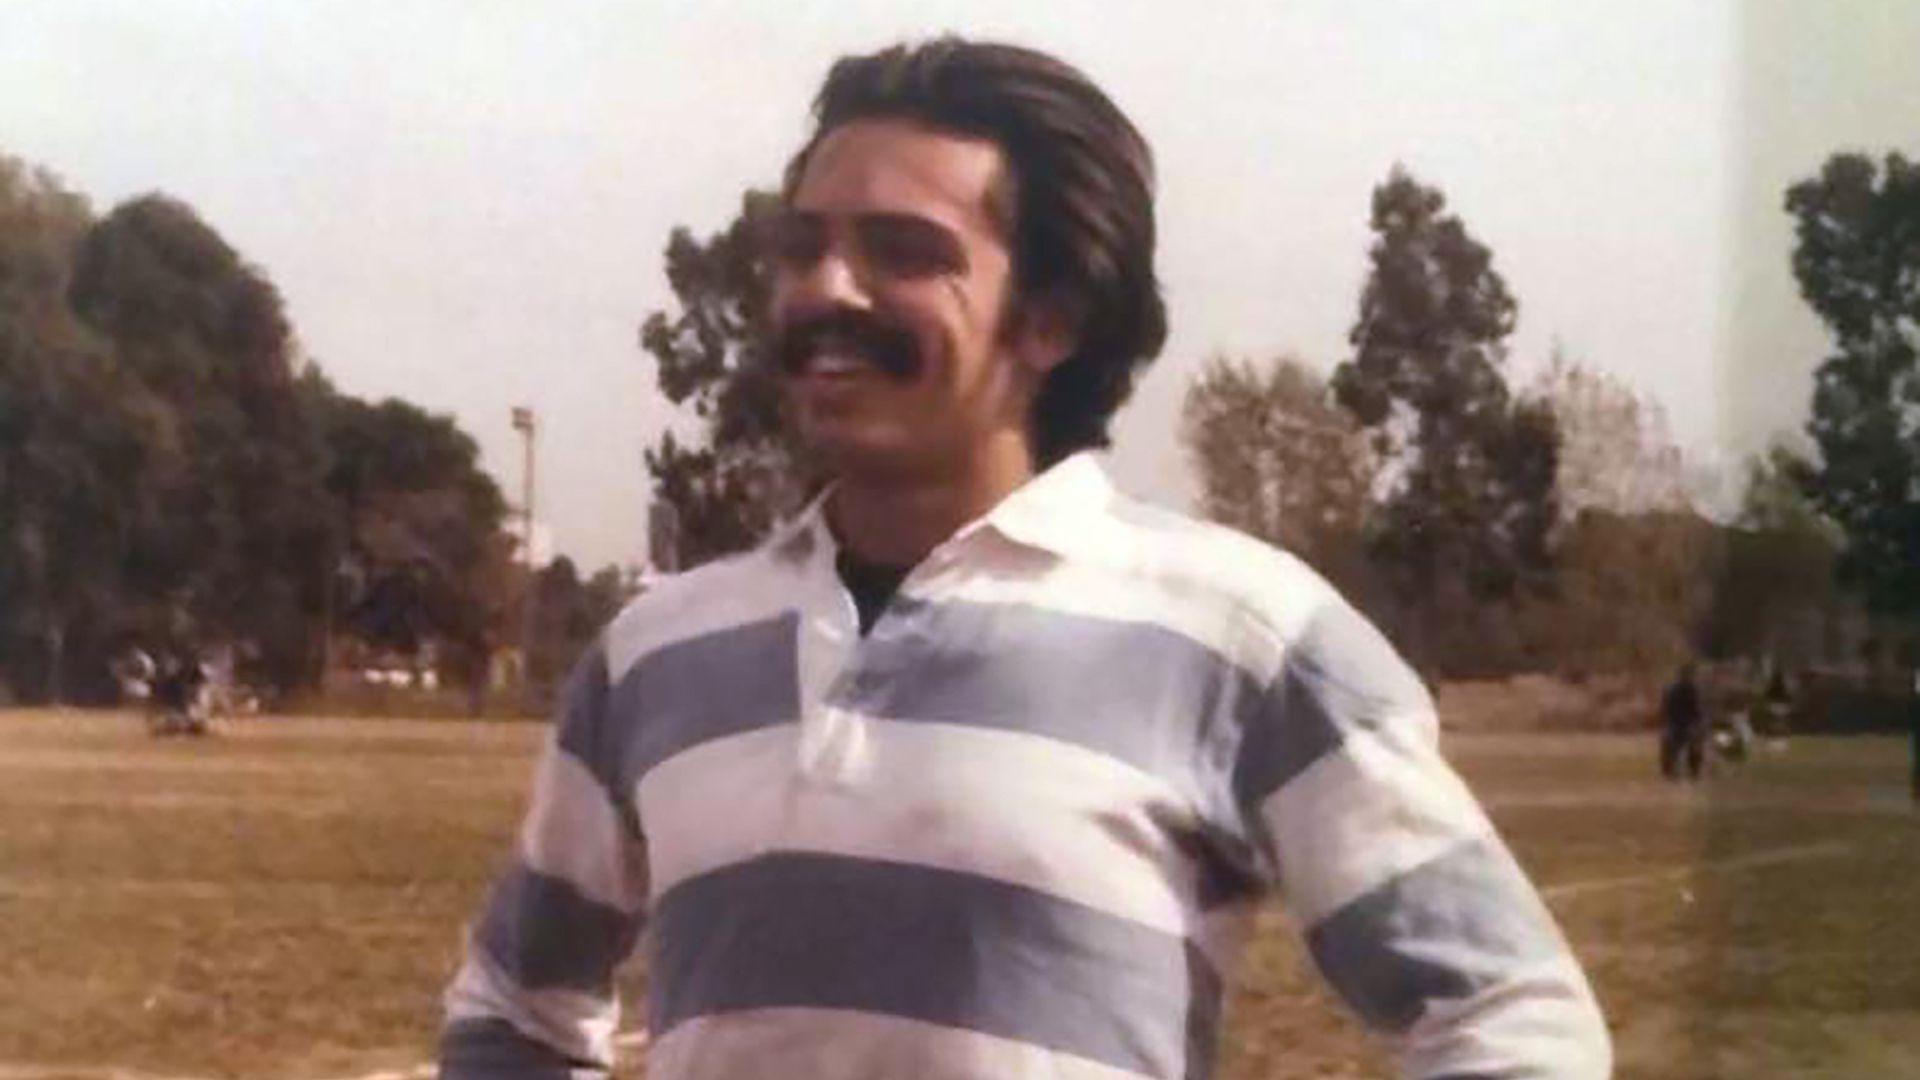 """Ya en la UBA, donde en empezó a estudiar derecho en 1977 y trabajaba en Tribunales, jugaba al fútbol en el torneo interfueros. """"Ibamos al campo de Ciudad Universitaria. Era arquero de equipo del fuero penal"""", recordó un compañero de aquellos años que luego sería fiscal federal. """"Creía que era bueno, pero nosotros queríamos que fuese el arquero del equipo rival"""", contó su amigo Eduardo Valdés."""